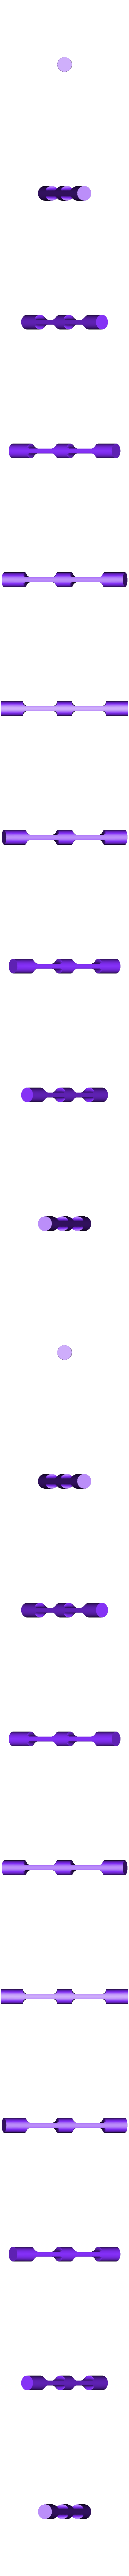 Small_Pin.stl Download free STL file Ball Lock Puzzle • 3D printer design, mtairymd